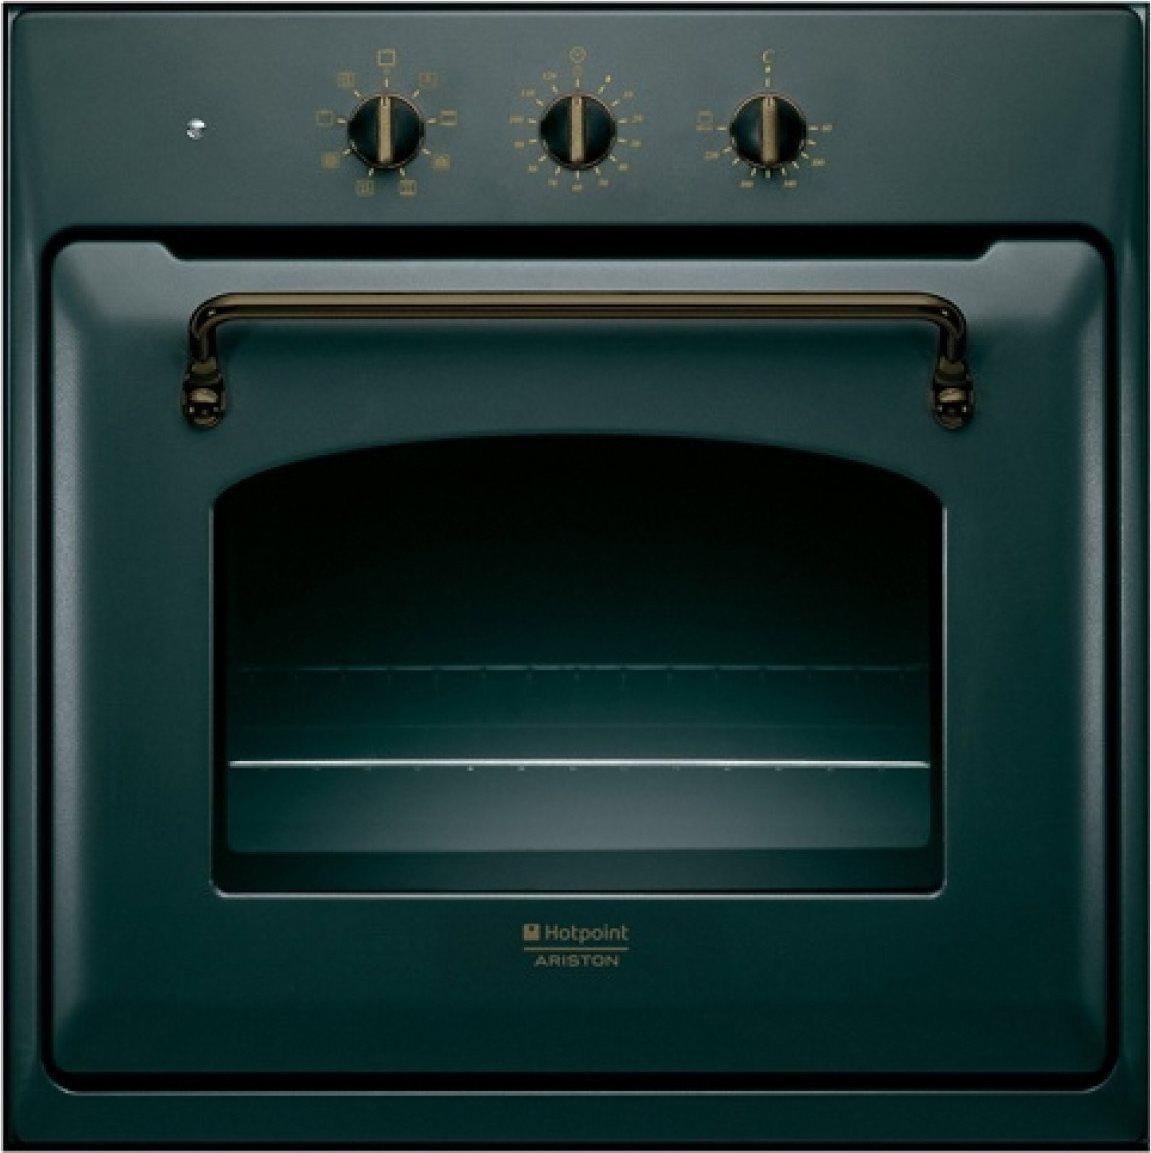 Forno Ariston FT 8201 ANHA Serie Tradizione  Forno da incasso elettrico ventilato con grill